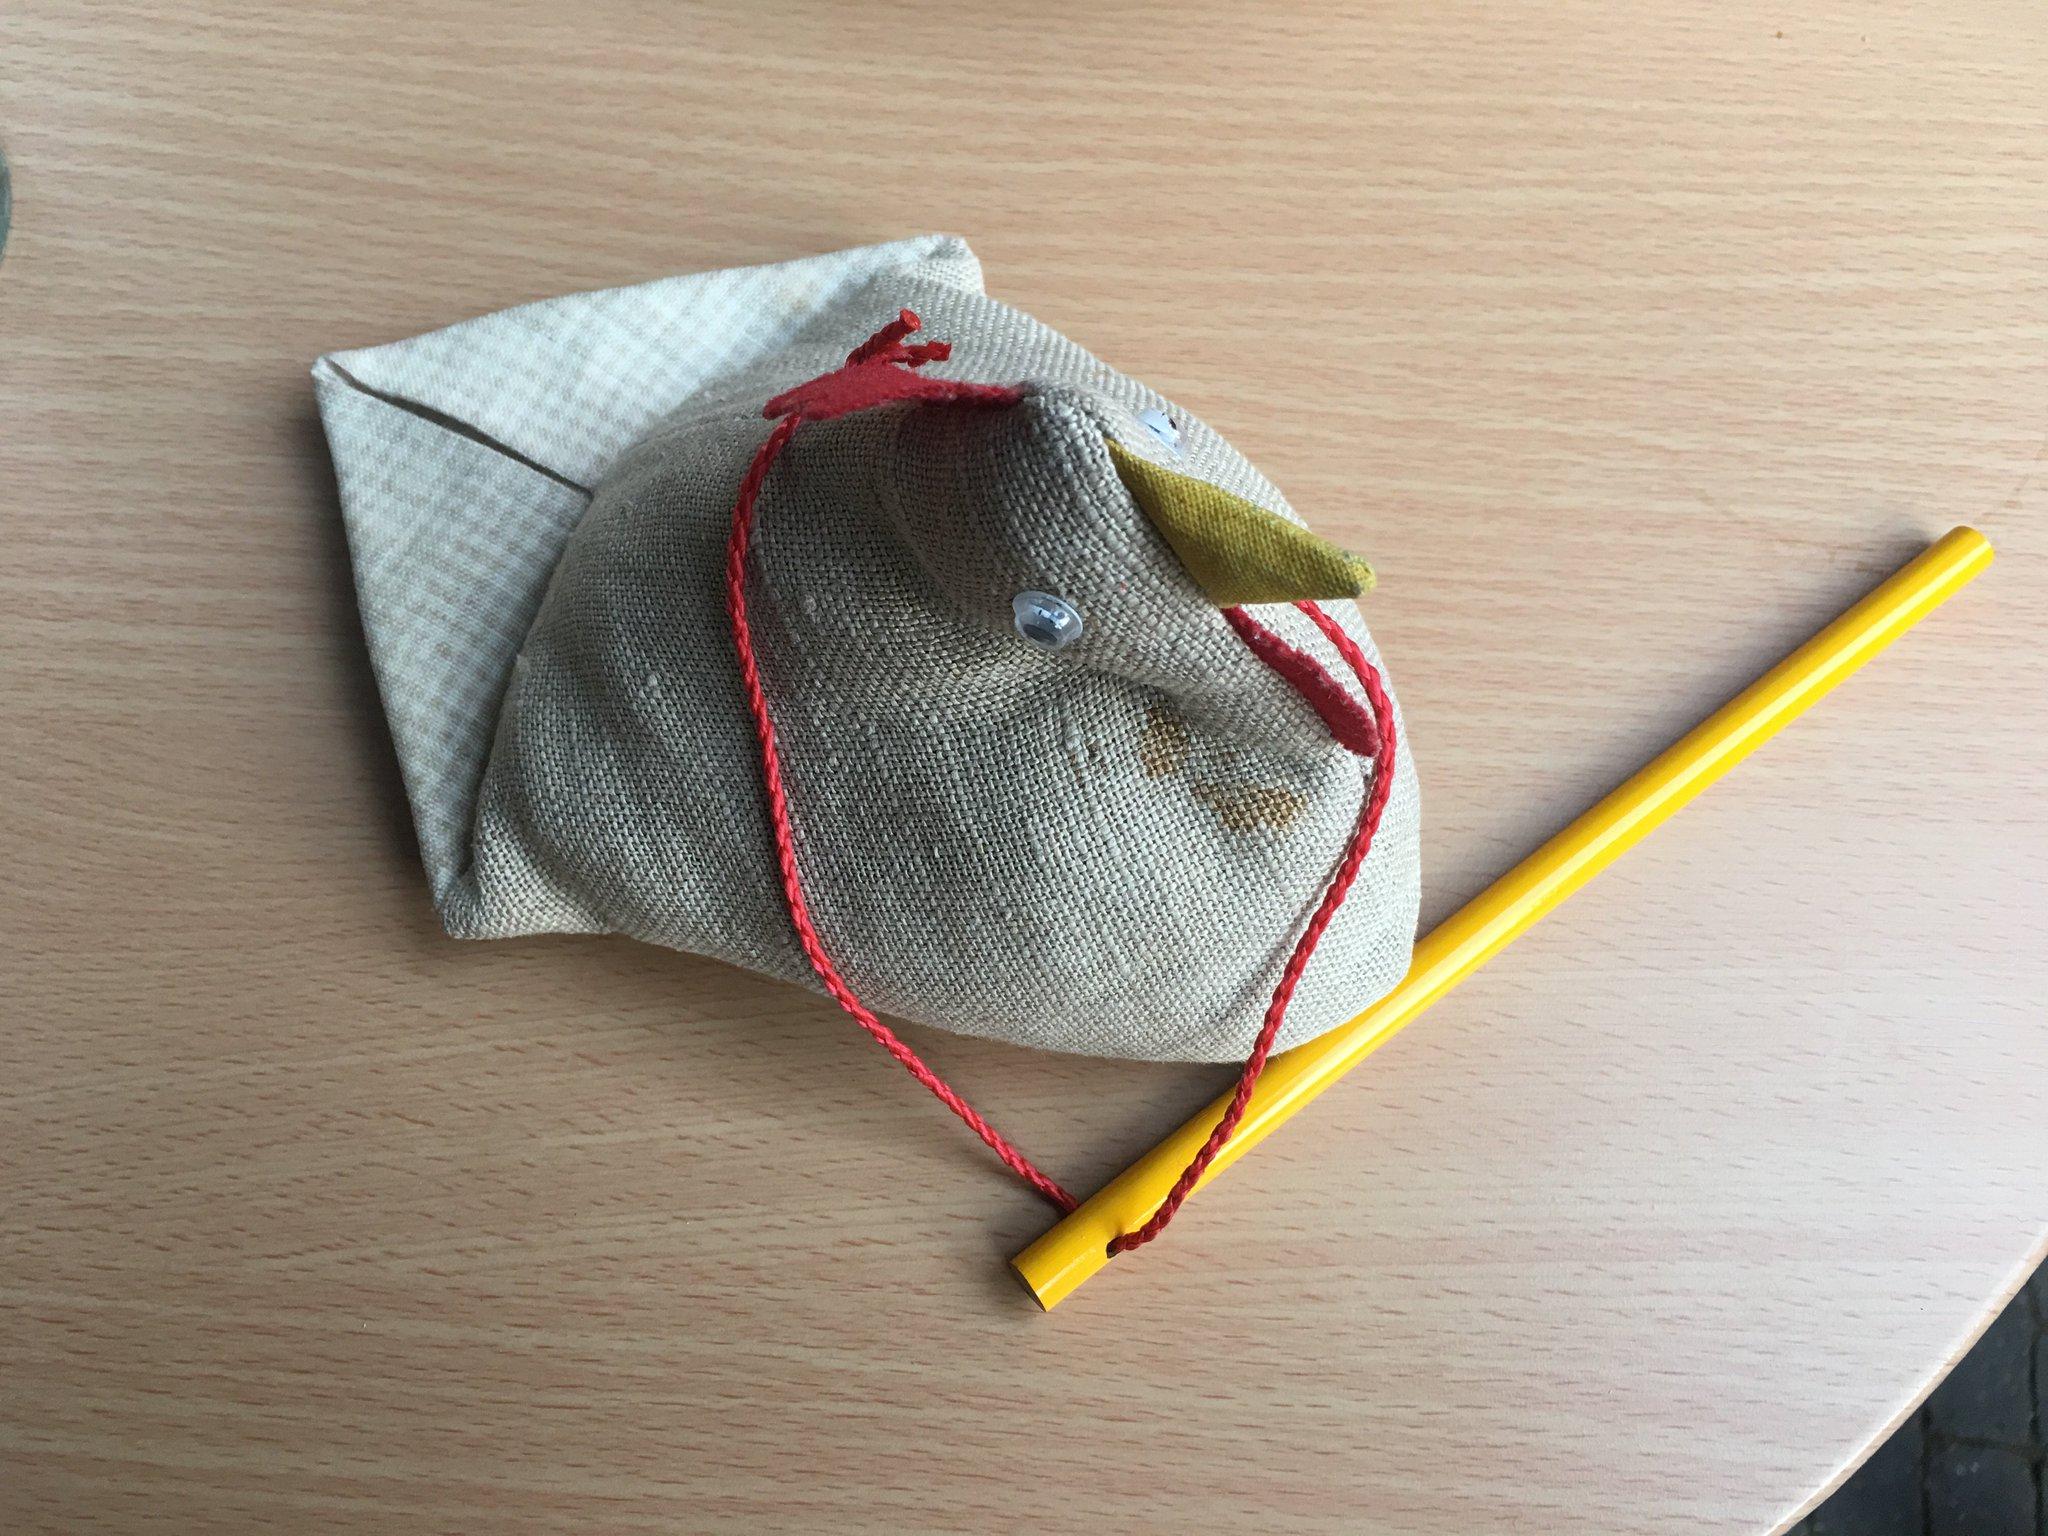 Rosalinde versucht sich auch am Bleistift-Zaubertrick #meurers #vcrhh17 #Vinocamp https://t.co/jaoOGyzugh